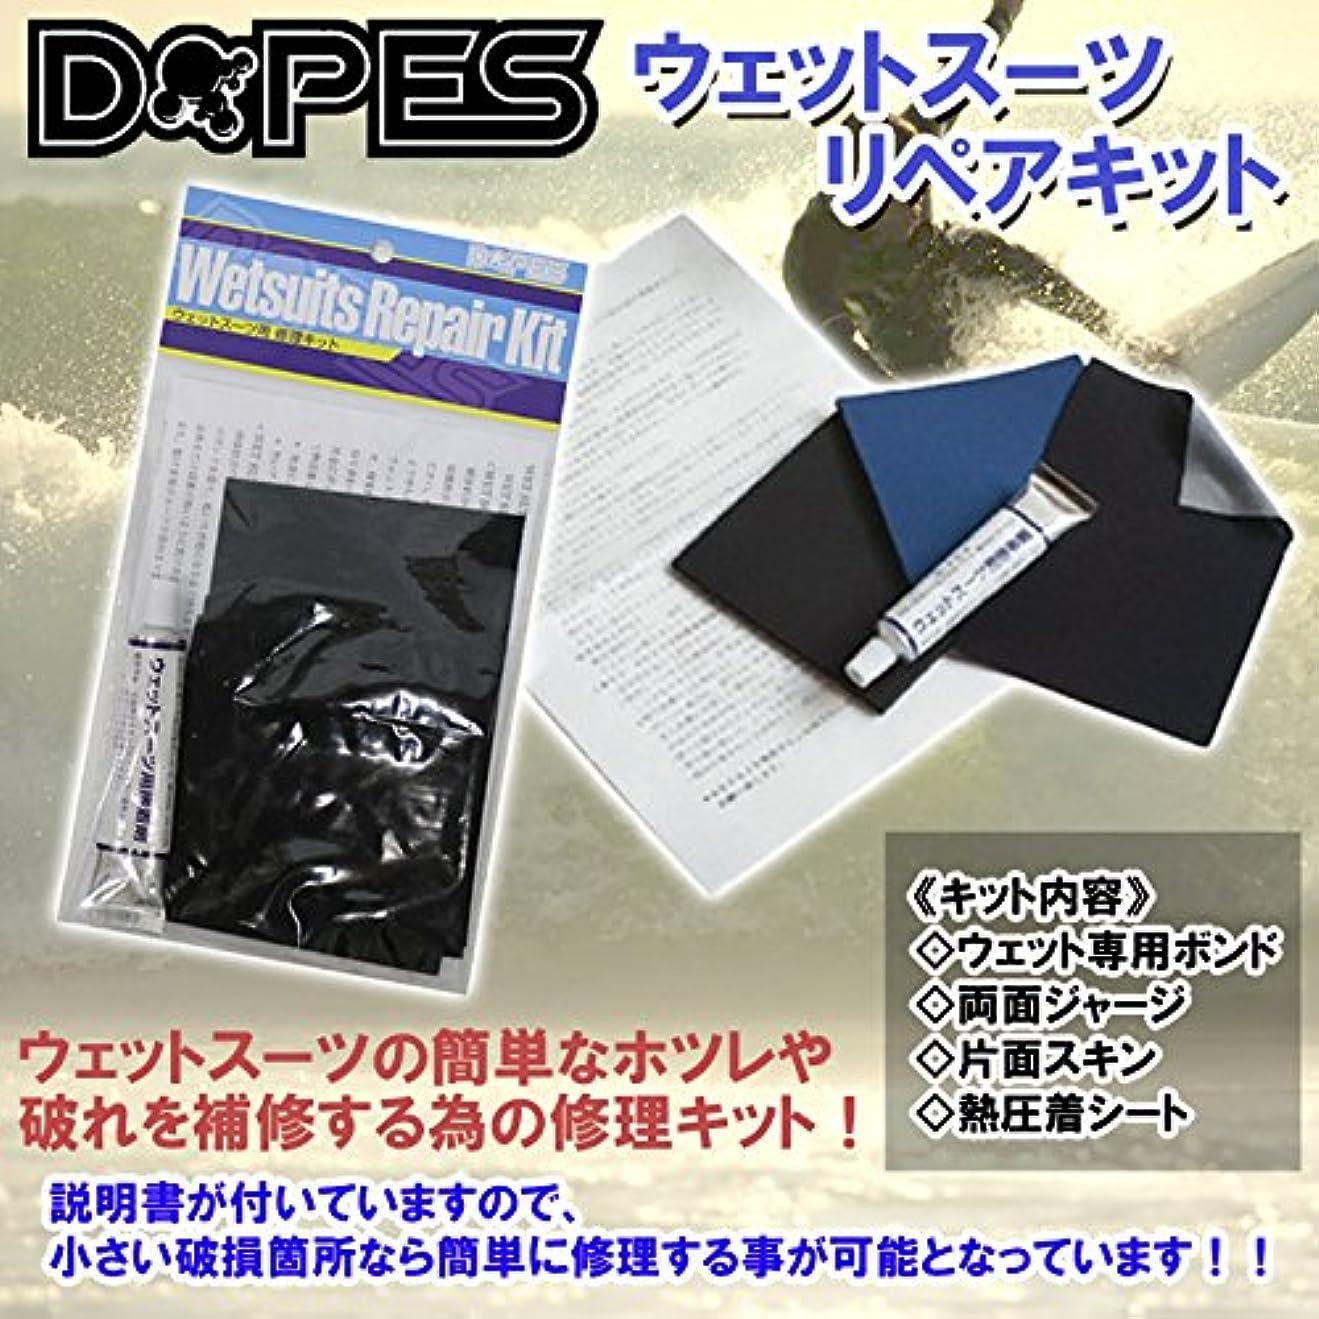 暴行グリースゆりDOPES ウエットスーツリペアキット ウェット修理キット ウェットボンド修理セット